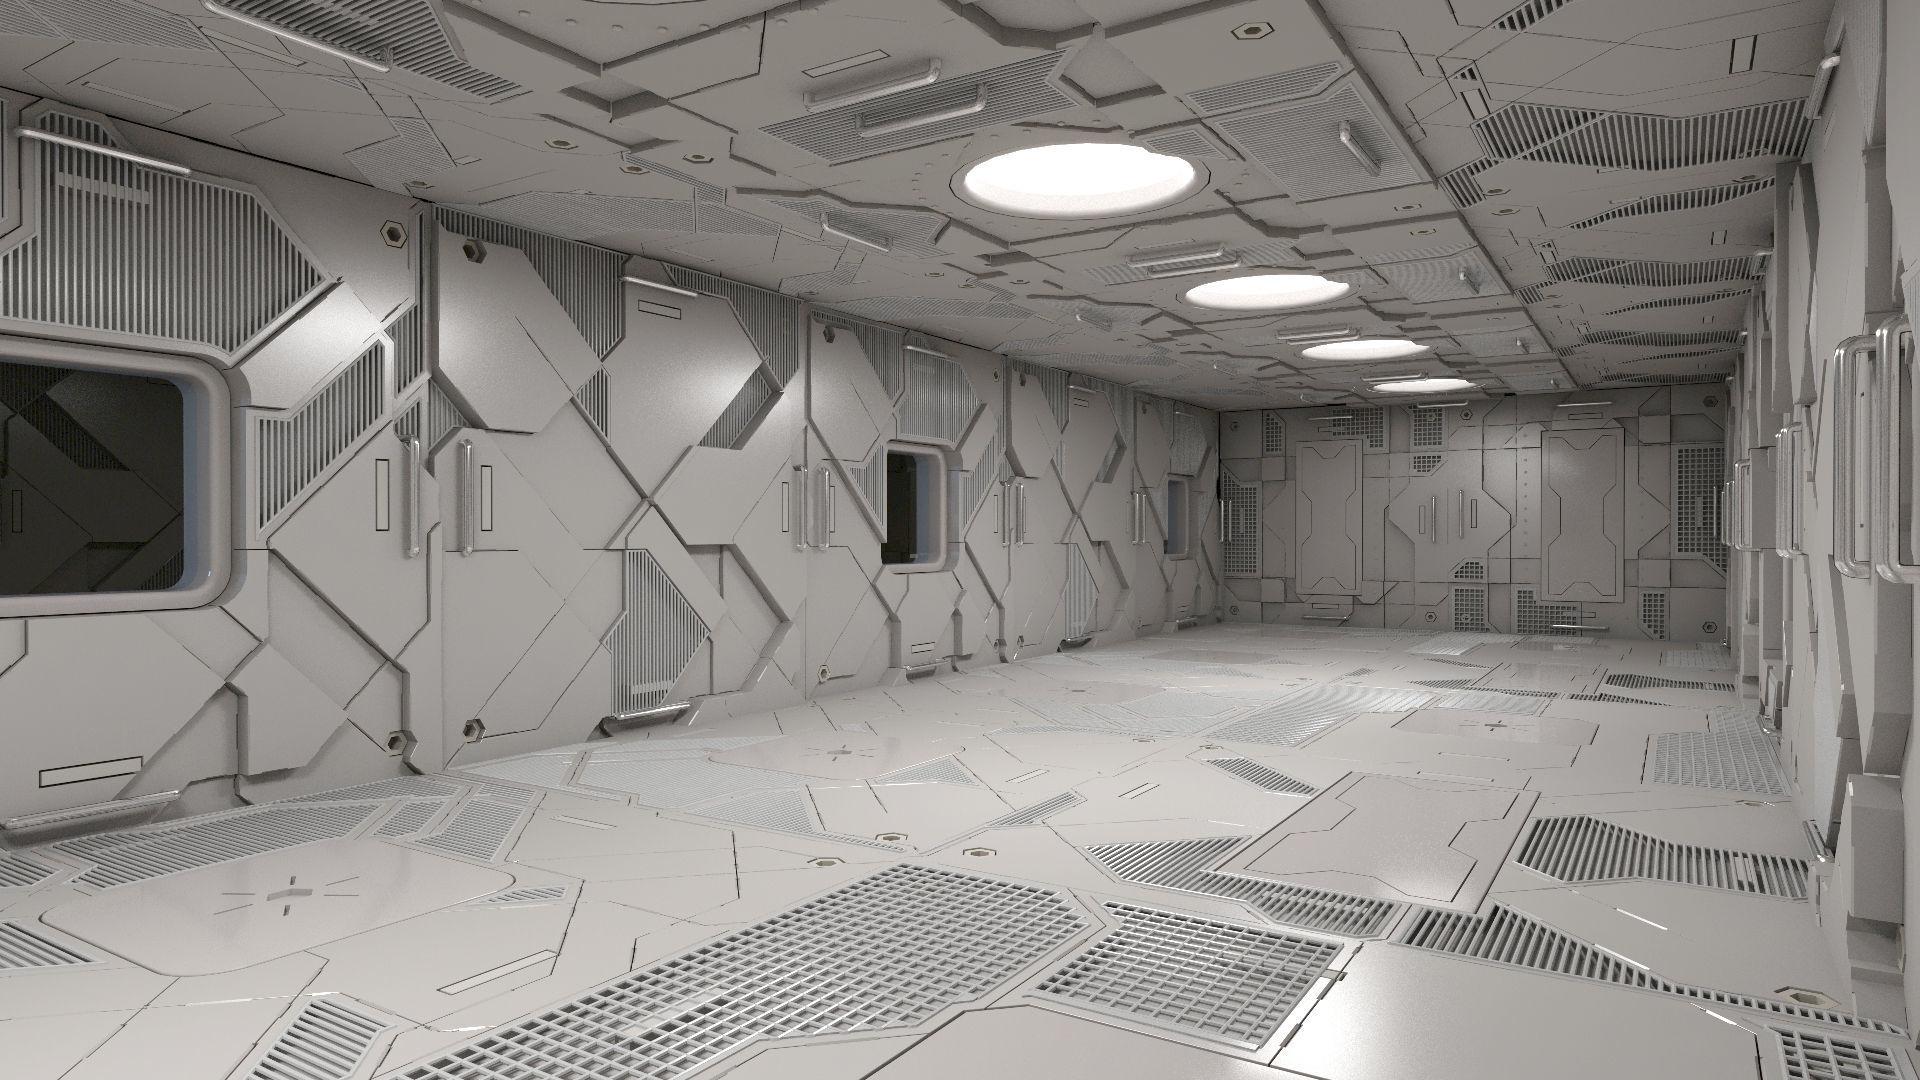 Sci-Fi Interior 101